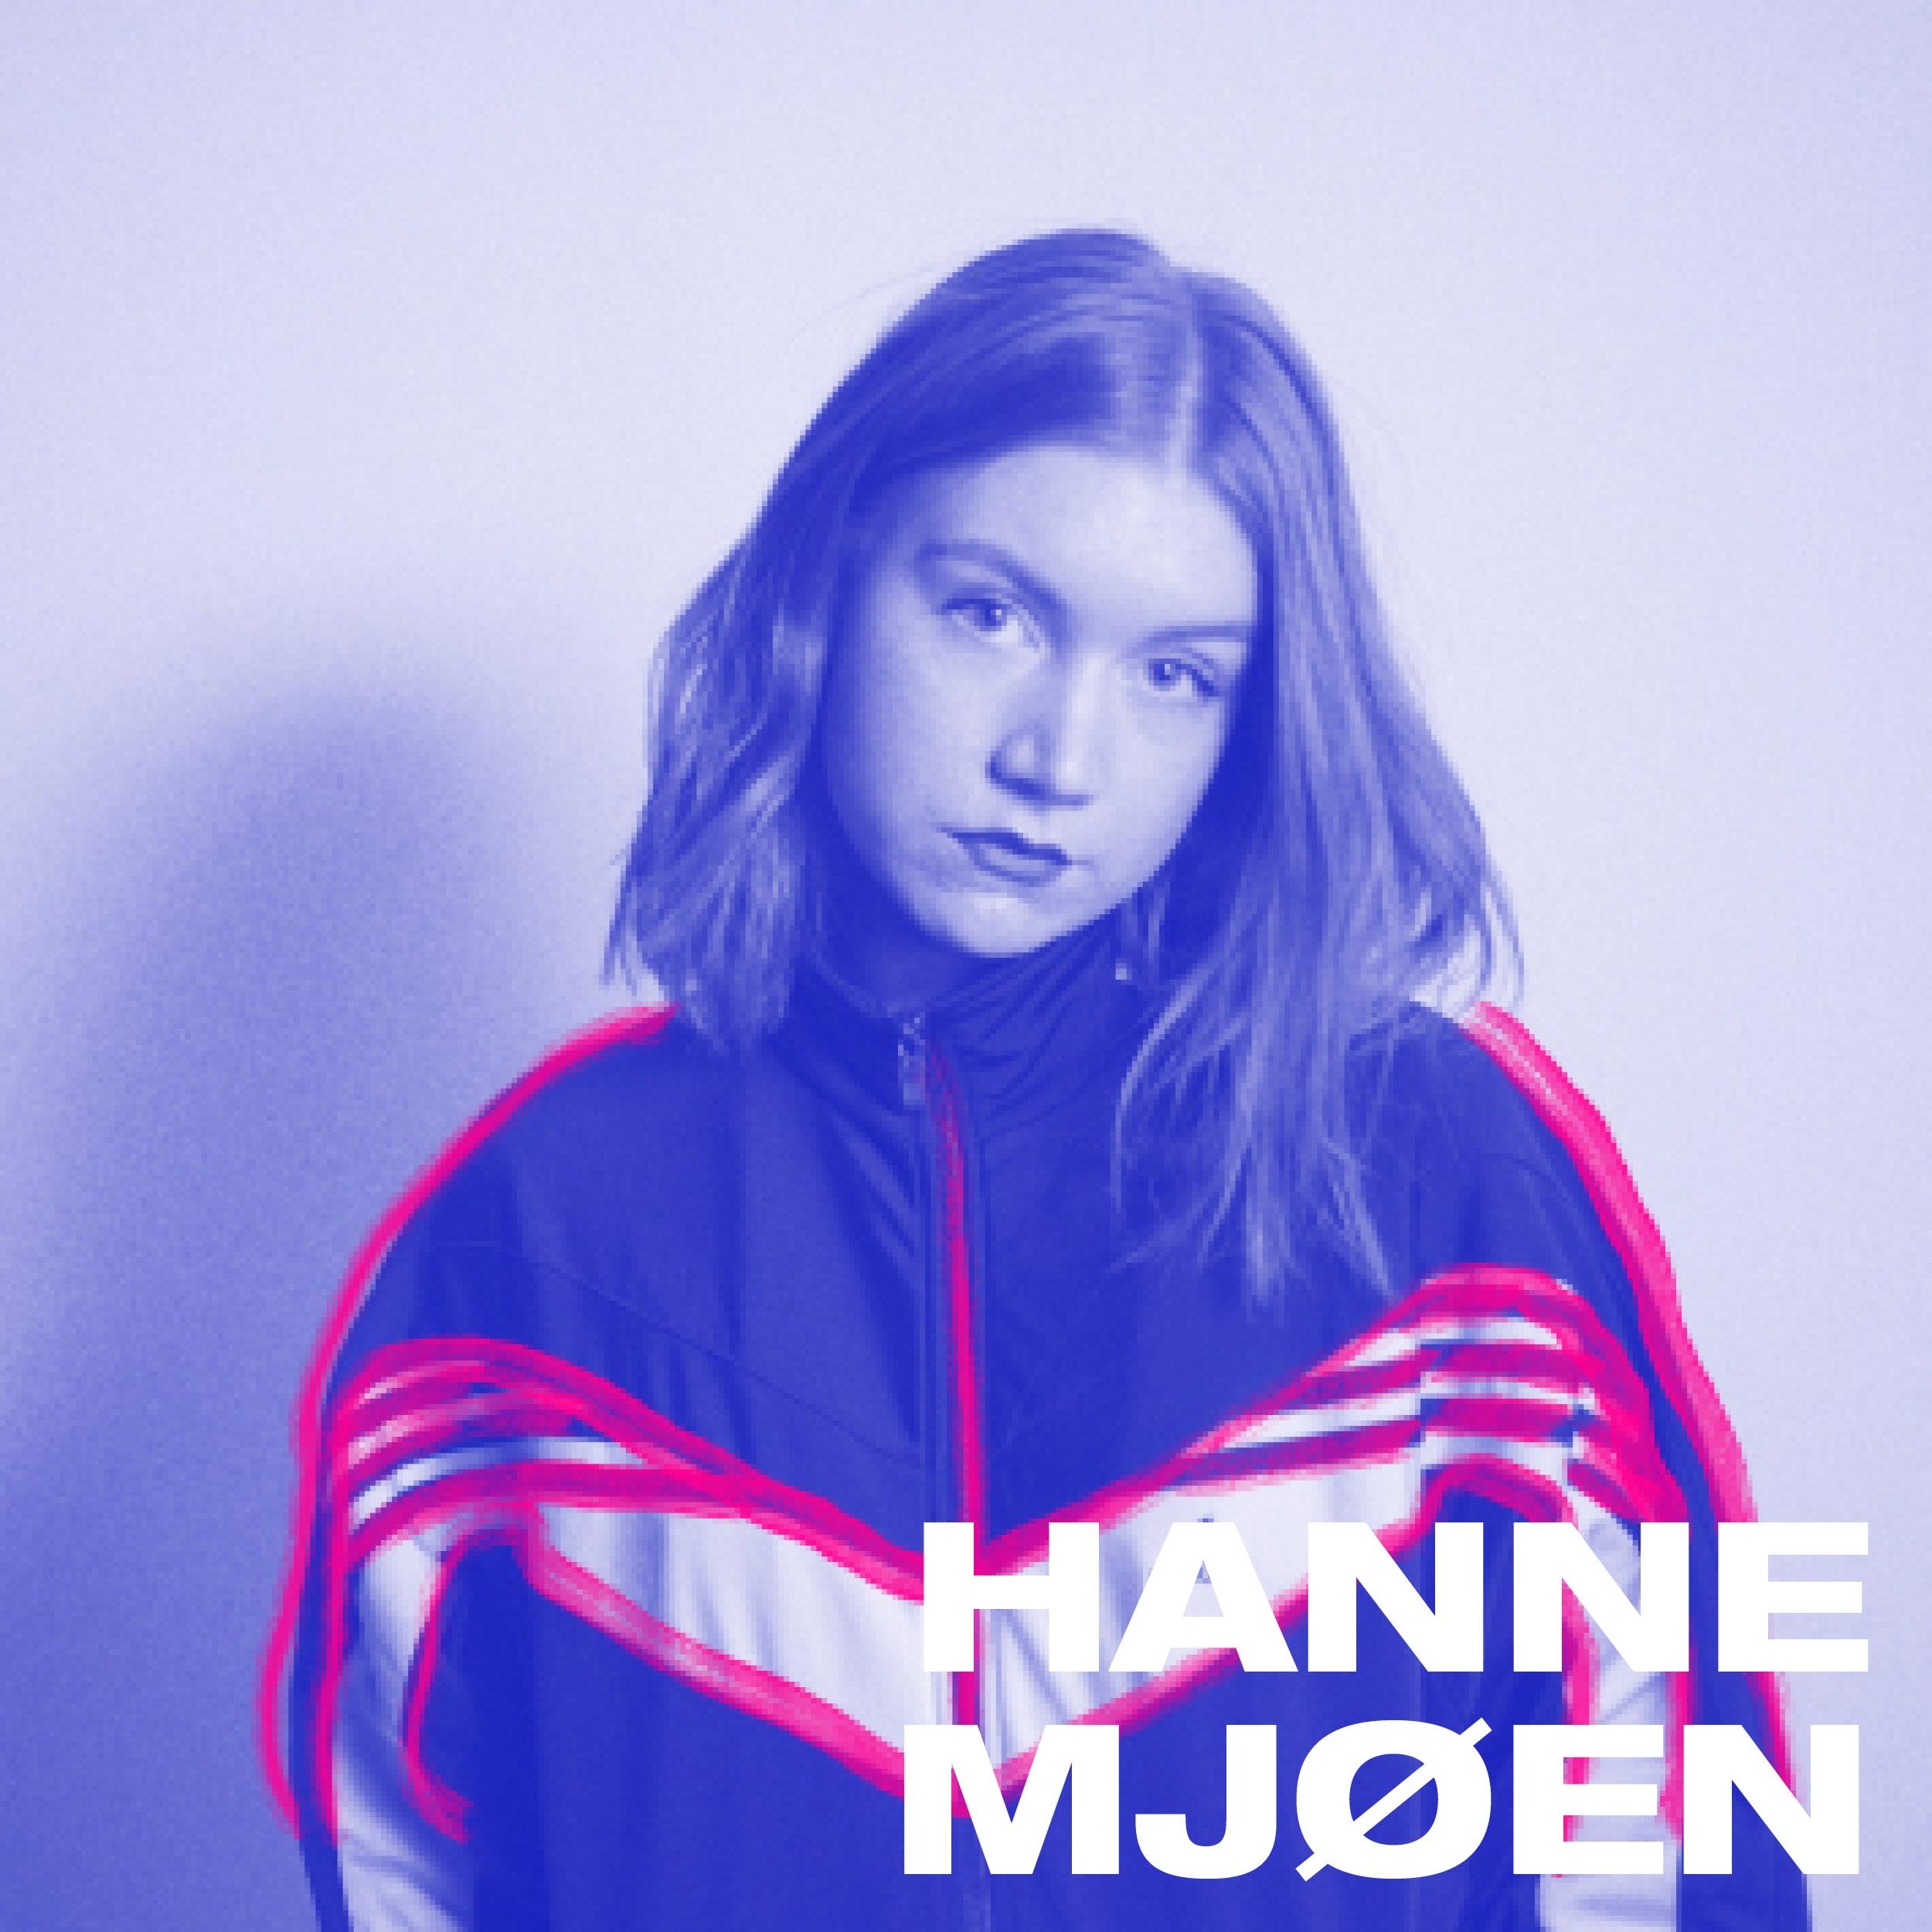 Hanne Mjøen befinner seg i et moderne pop-landskap med et urbant og lekent uttrykk og fokus på sårbare tekster og sterke melodier. Hennes fengende låter fester seg raskt på hjernen, eller ett lytt og du er forelska som Scandipop skrev.